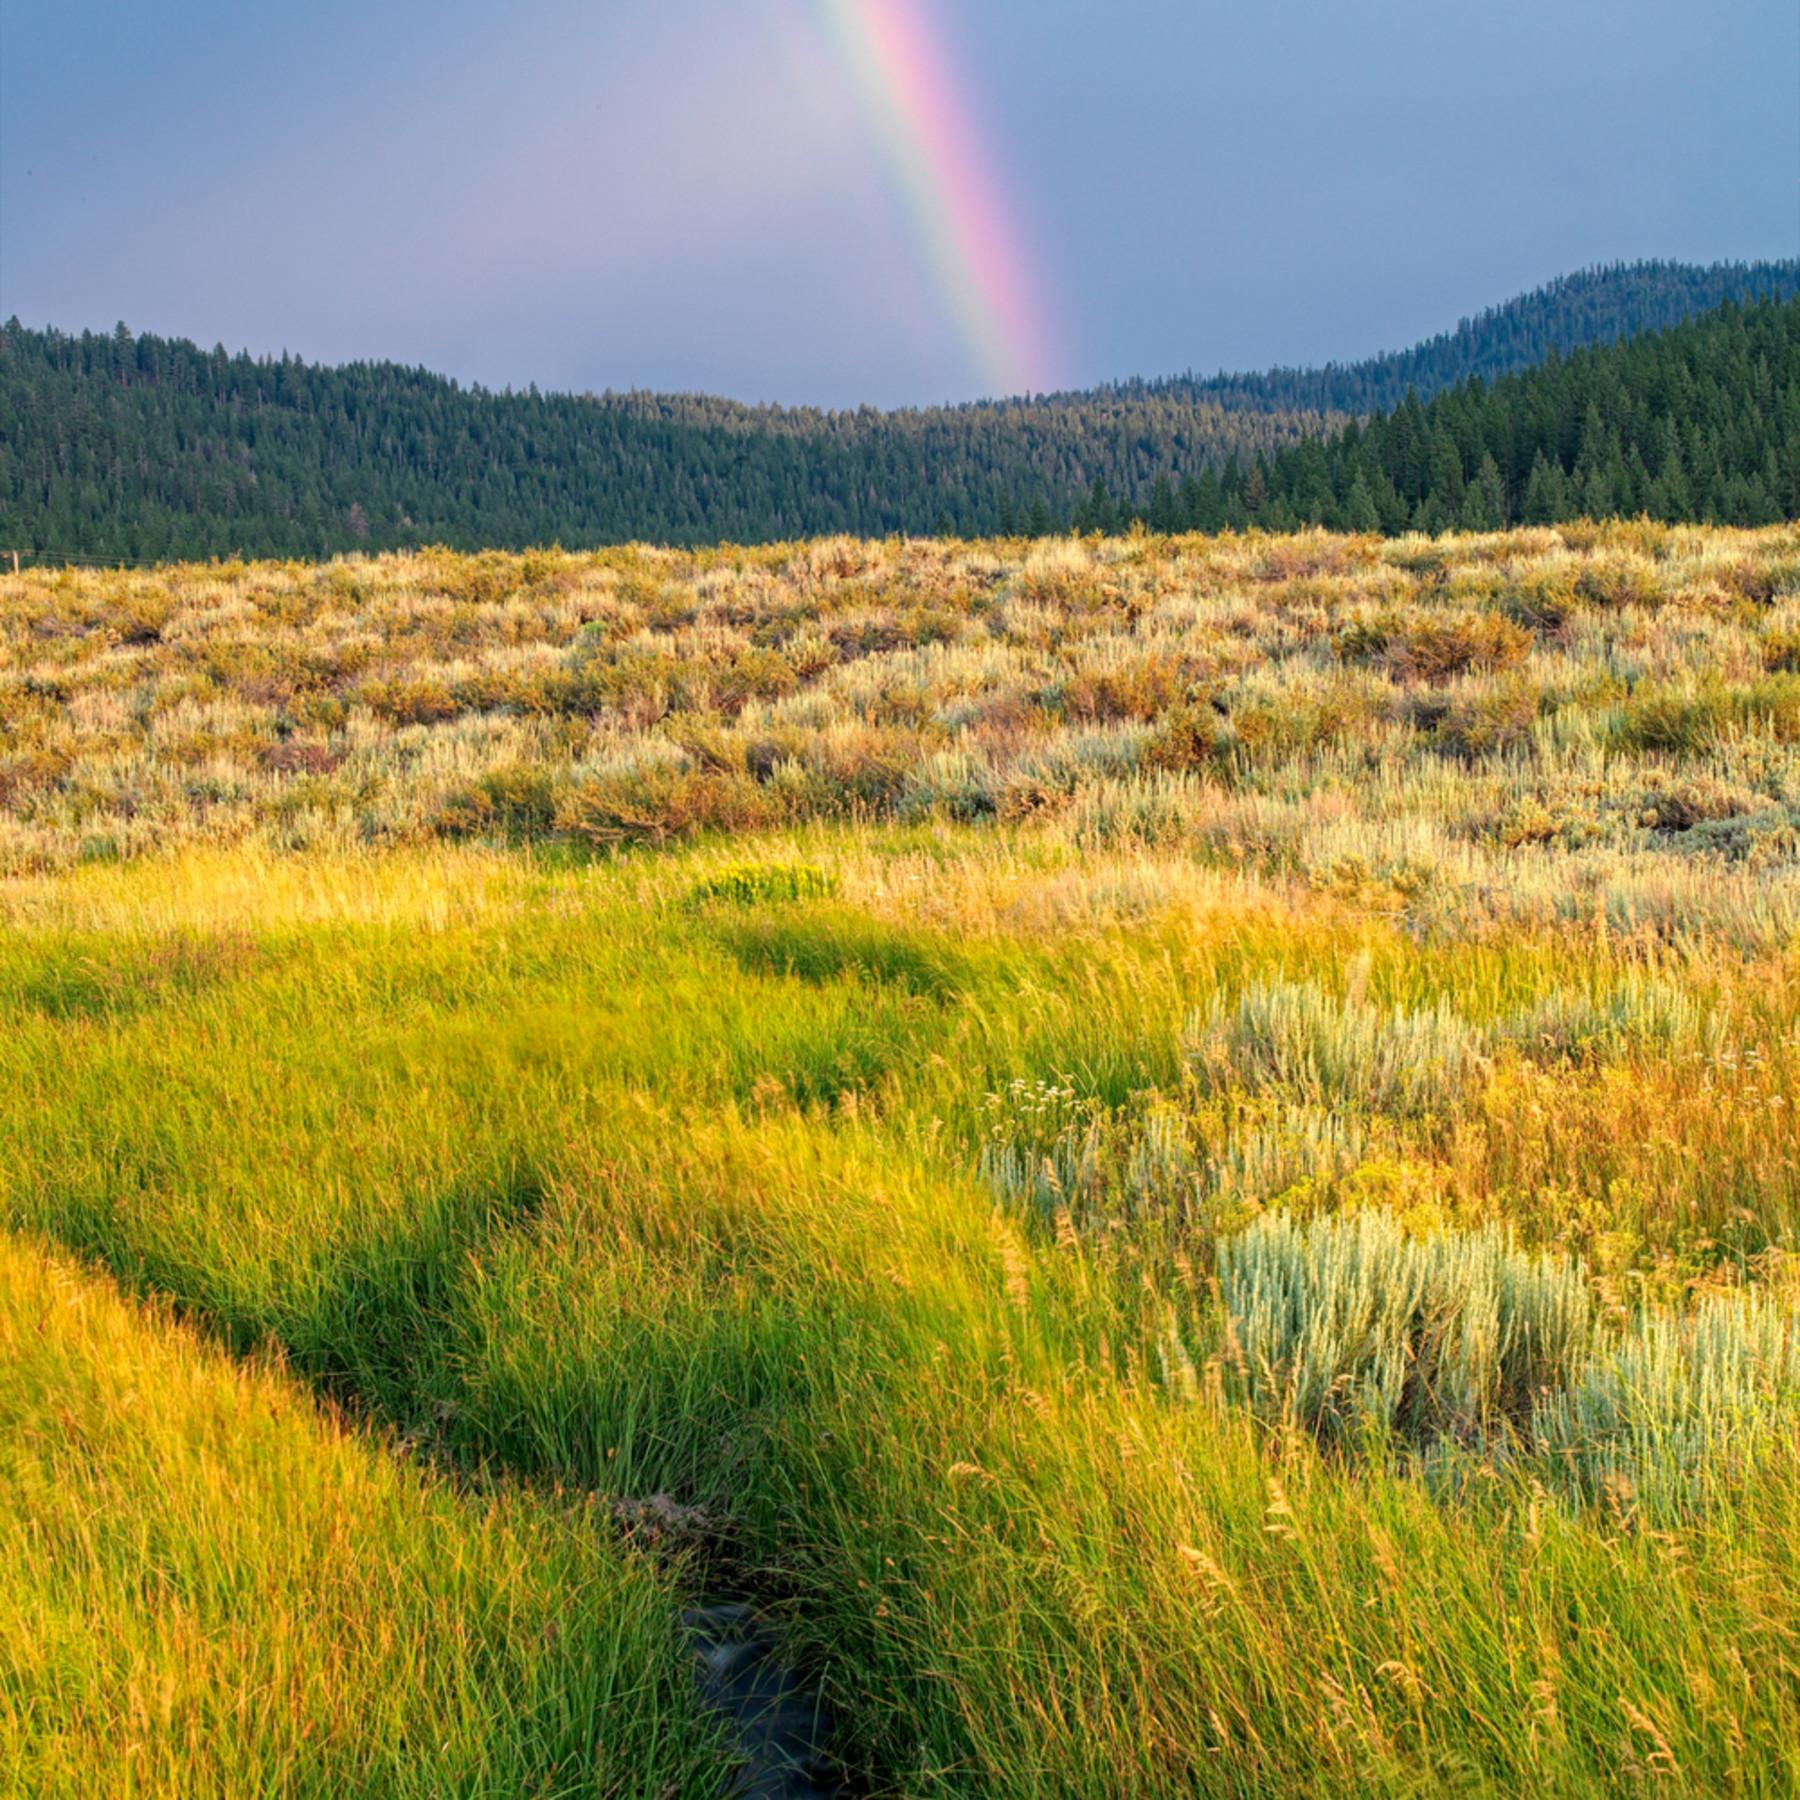 Martis valley rainbow n3llwu